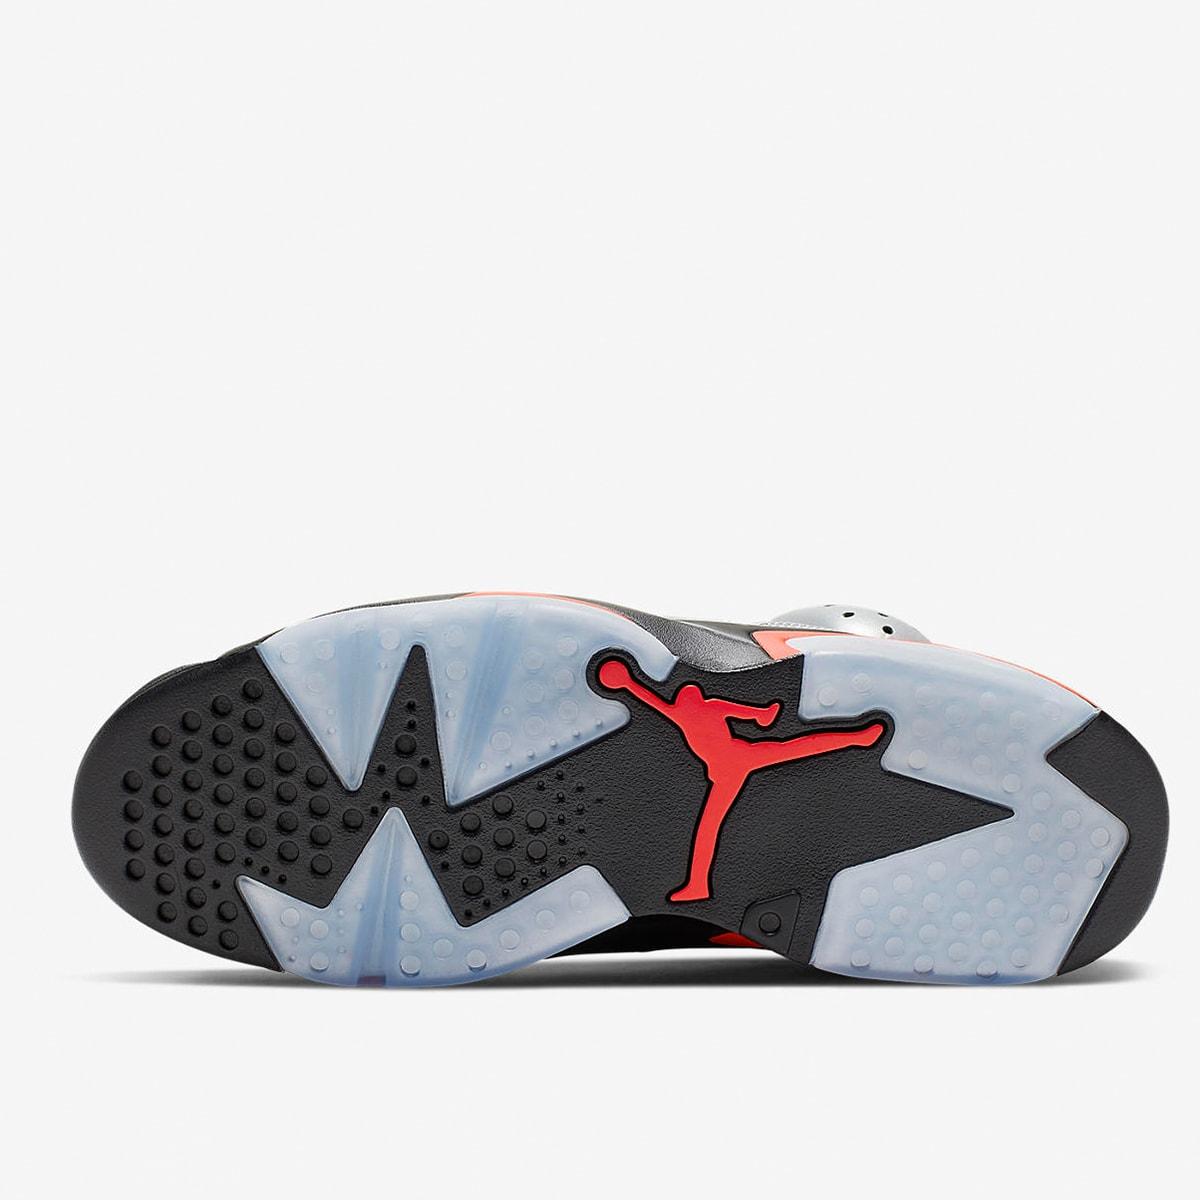 Nike Air Jordan 6 Retro SP - CI4072-001